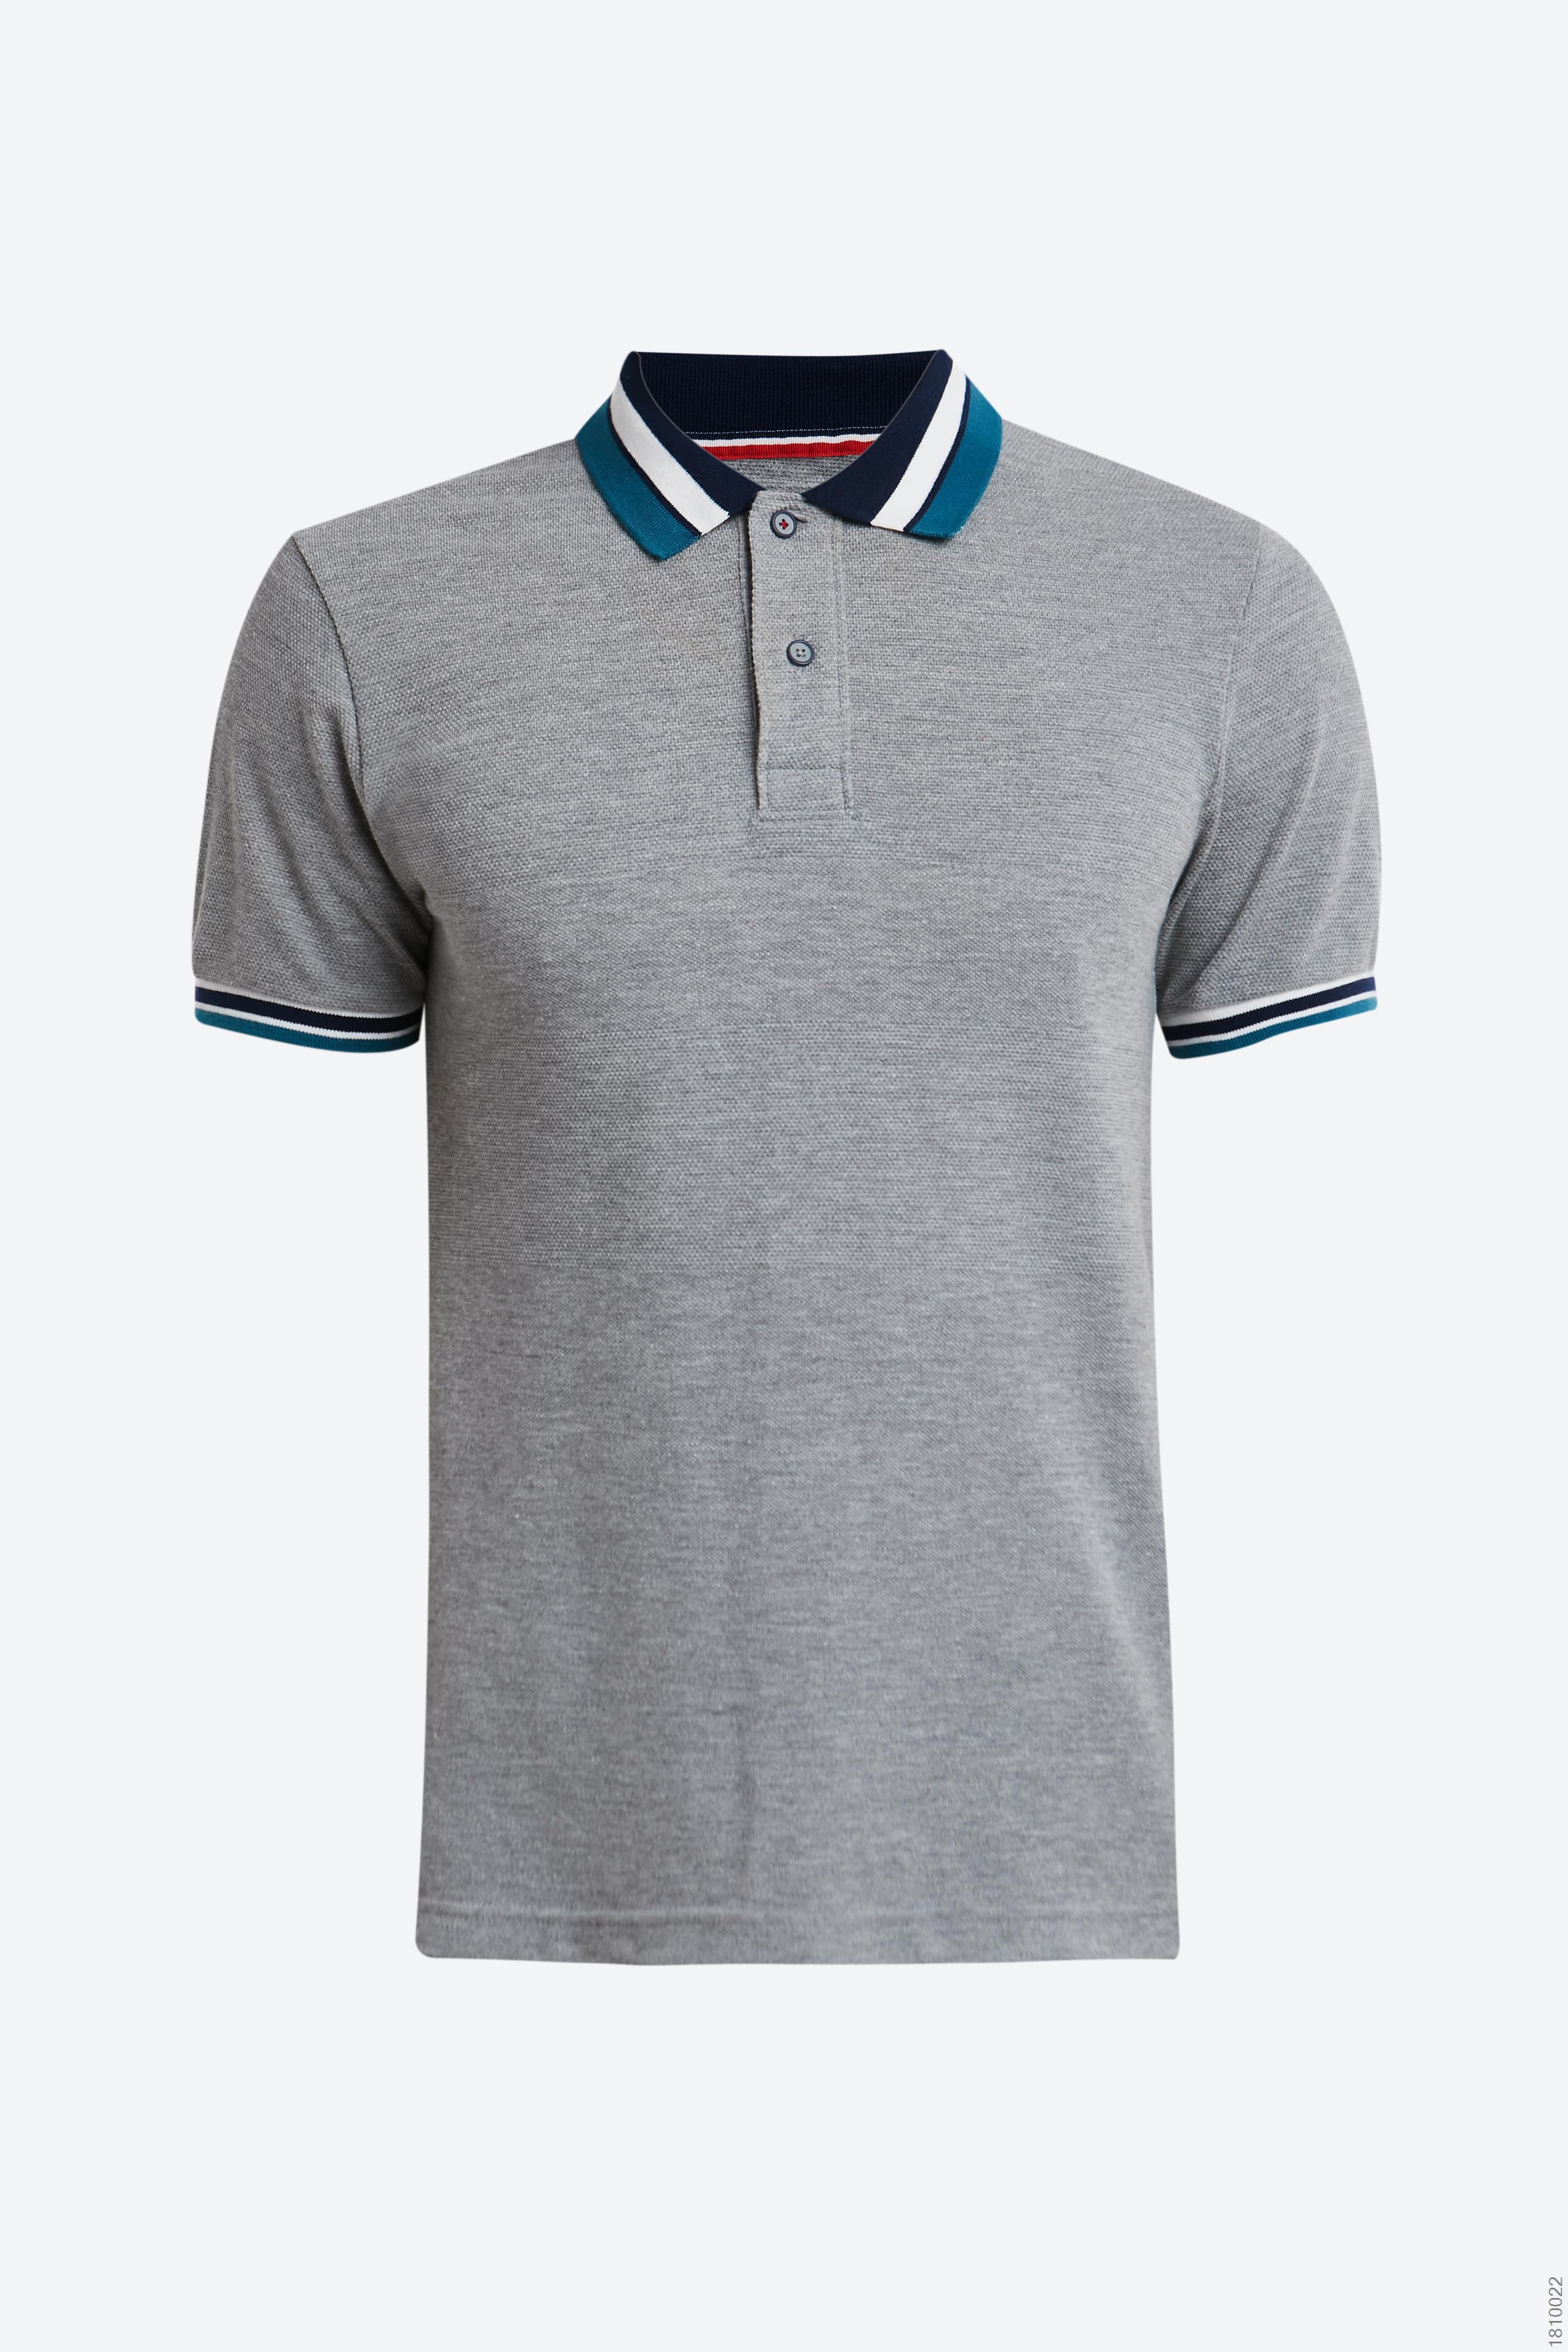 áo polo nam - 1810022